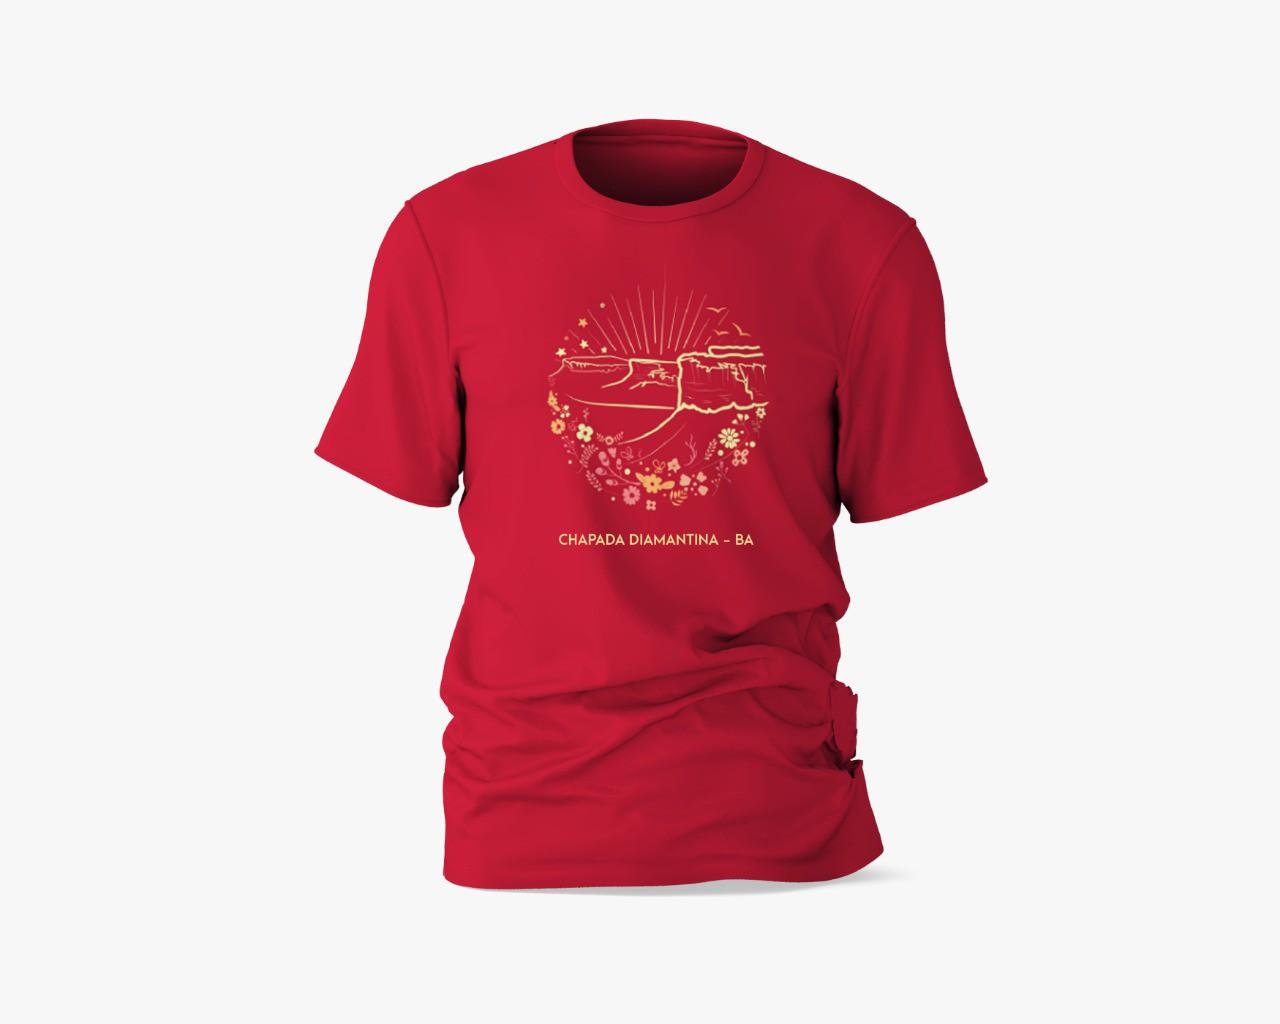 Camisa Chapada Diamantina - Vista de cima do Morro do Pai Inácio